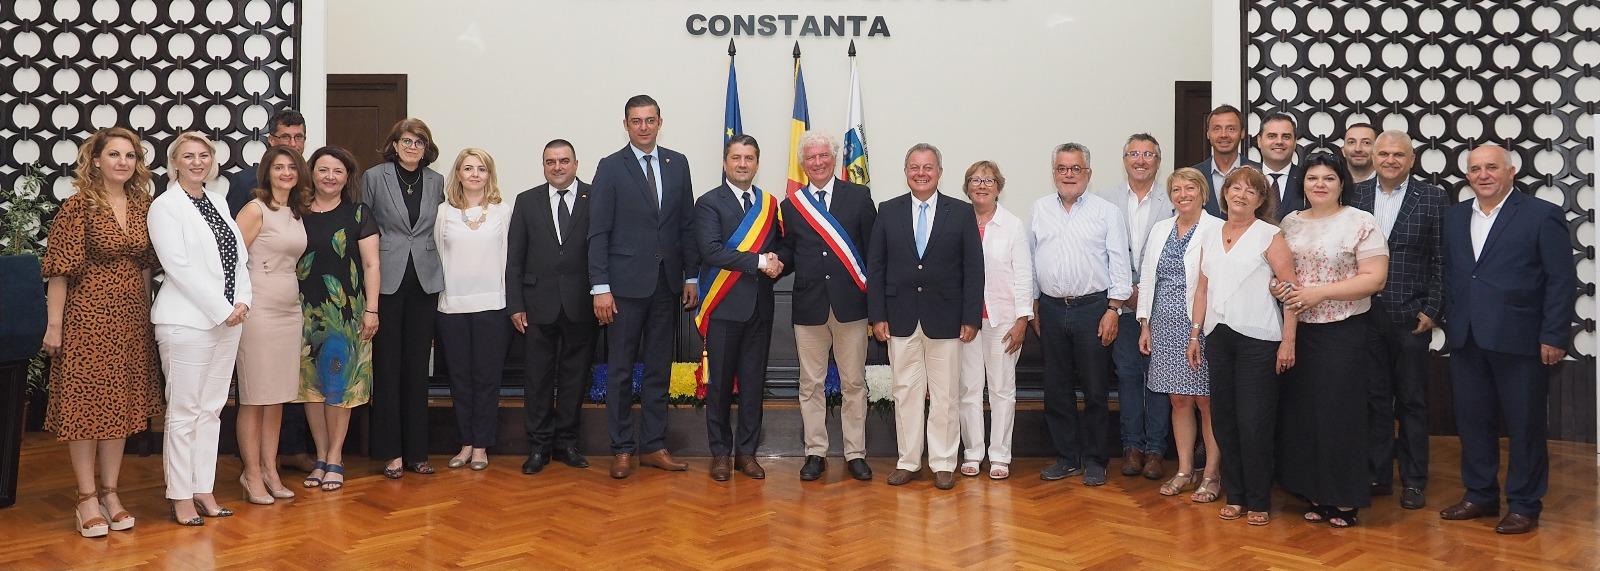 Constanta-Brest (4)